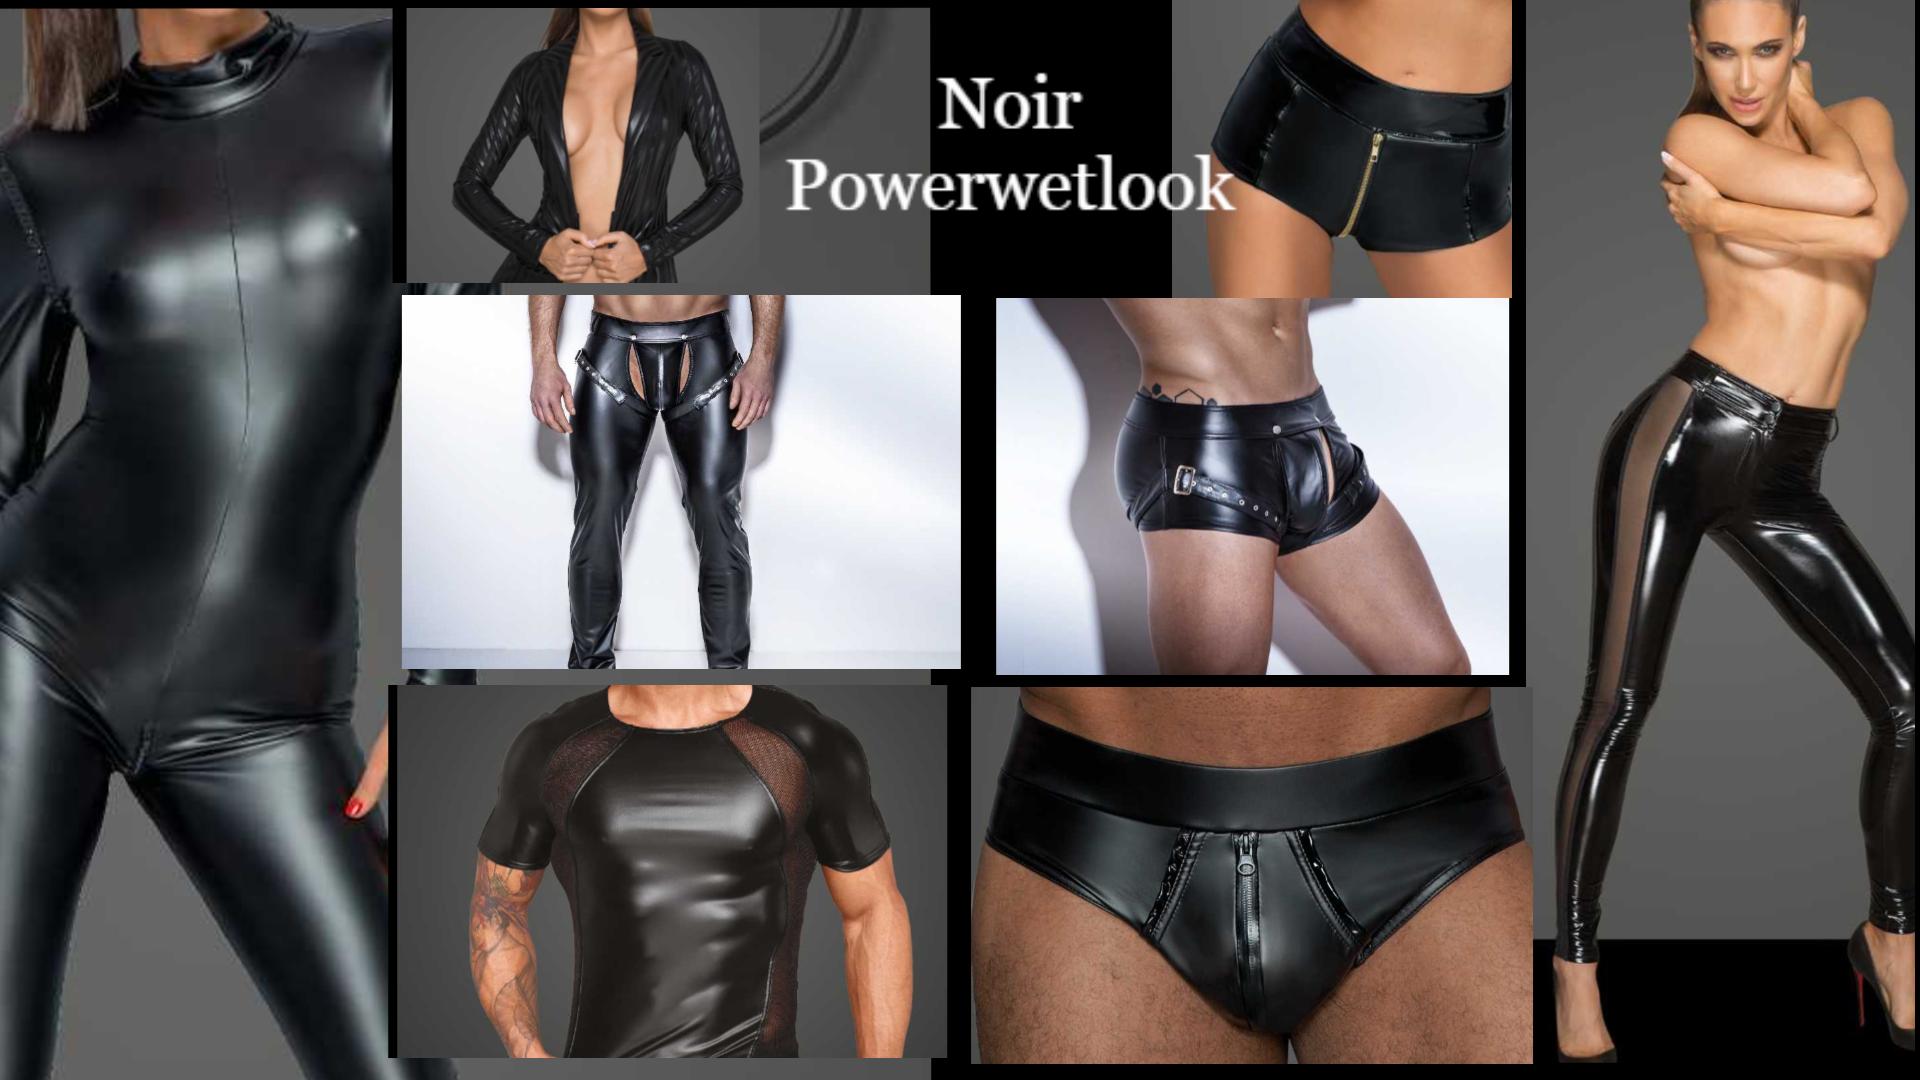 Noir Powerwetlook